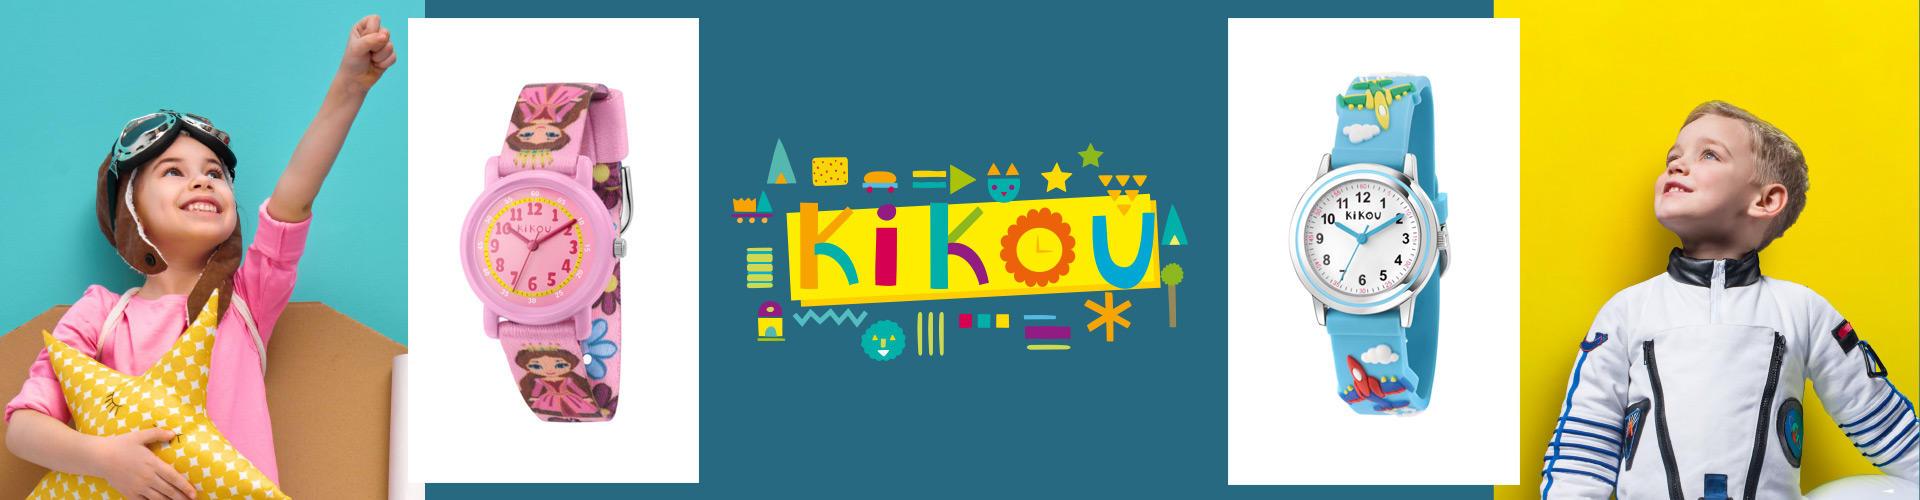 KIKOU-slide-1920x500